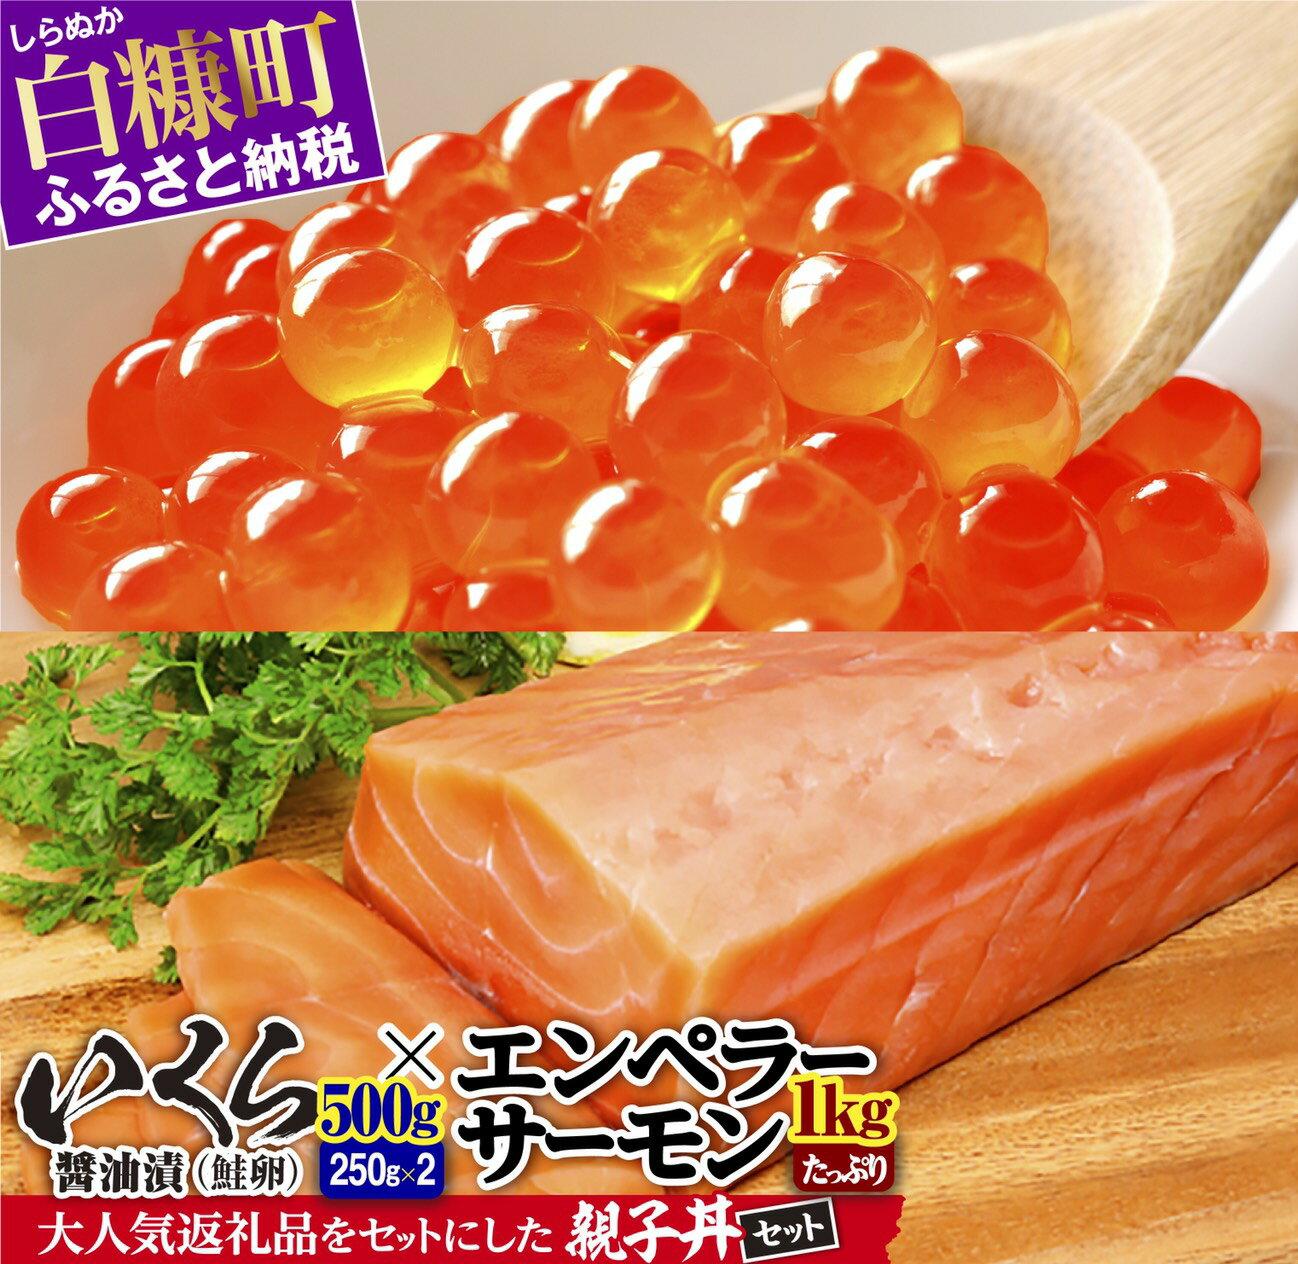 ※2021年10月末までにお届け※大人気★「いくら醤油漬(鮭卵)」×「エンペラーサーモン」の親子丼セット ふるさと納税 いくら